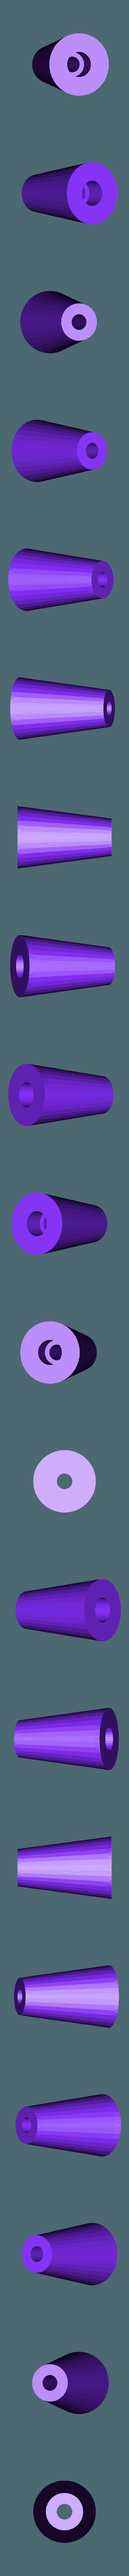 distanziale.stl Télécharger fichier STL gratuit Sopperto VESA par moniteur ou télévision • Design pour imprimante 3D, Scigola